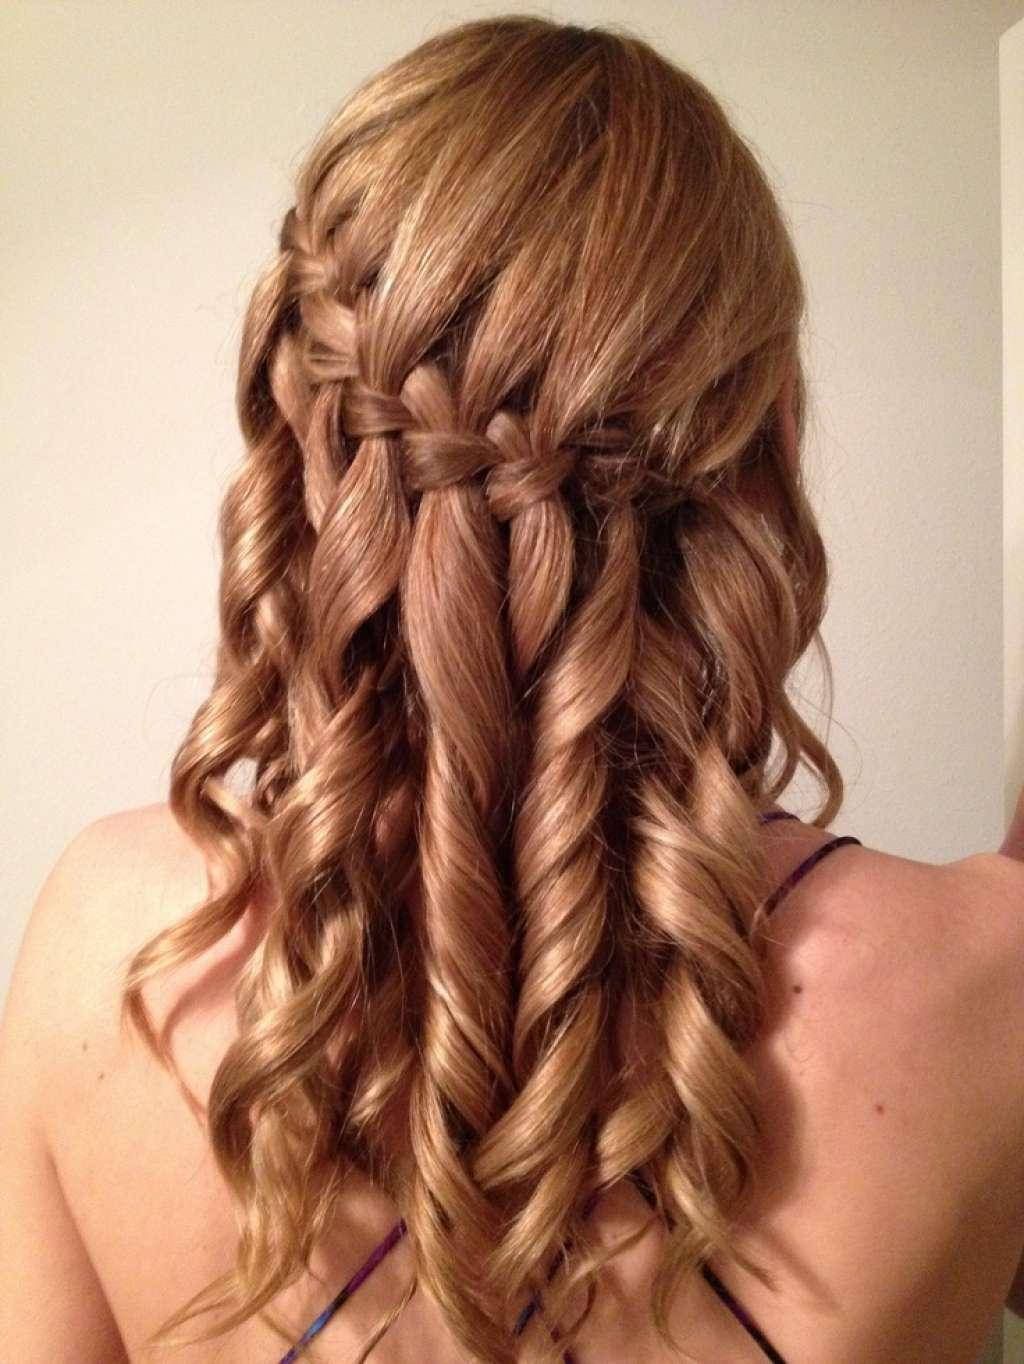 Французские косички — 15 вариантов, как заплести длинные и средние волосы, фото